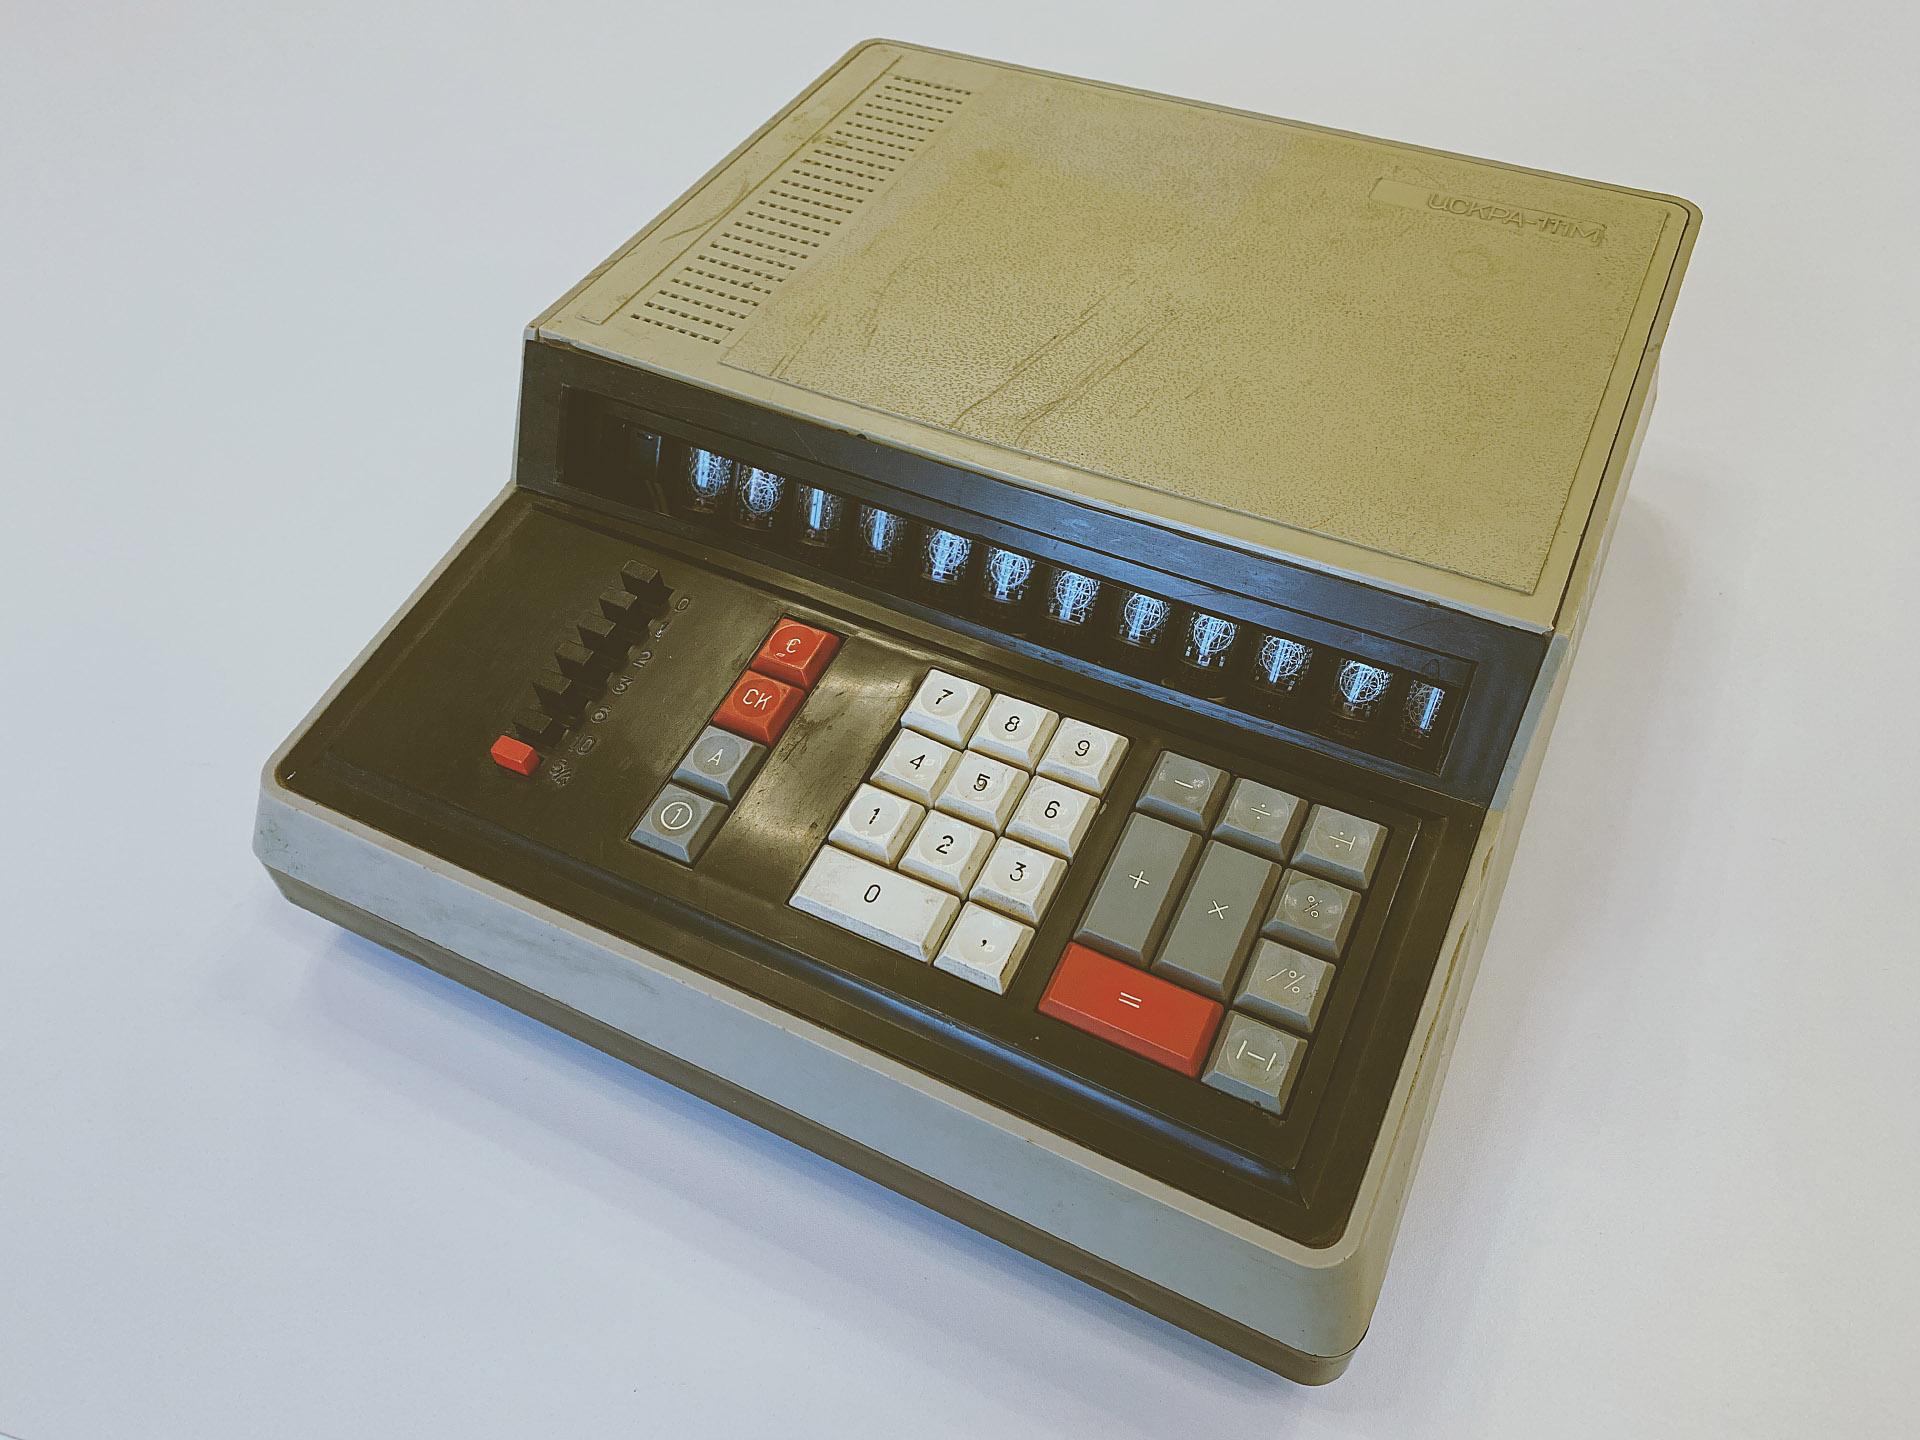 Музей DataArt. Человек-машина: настольная вычислительная техника до микрокалькуляторов - 1